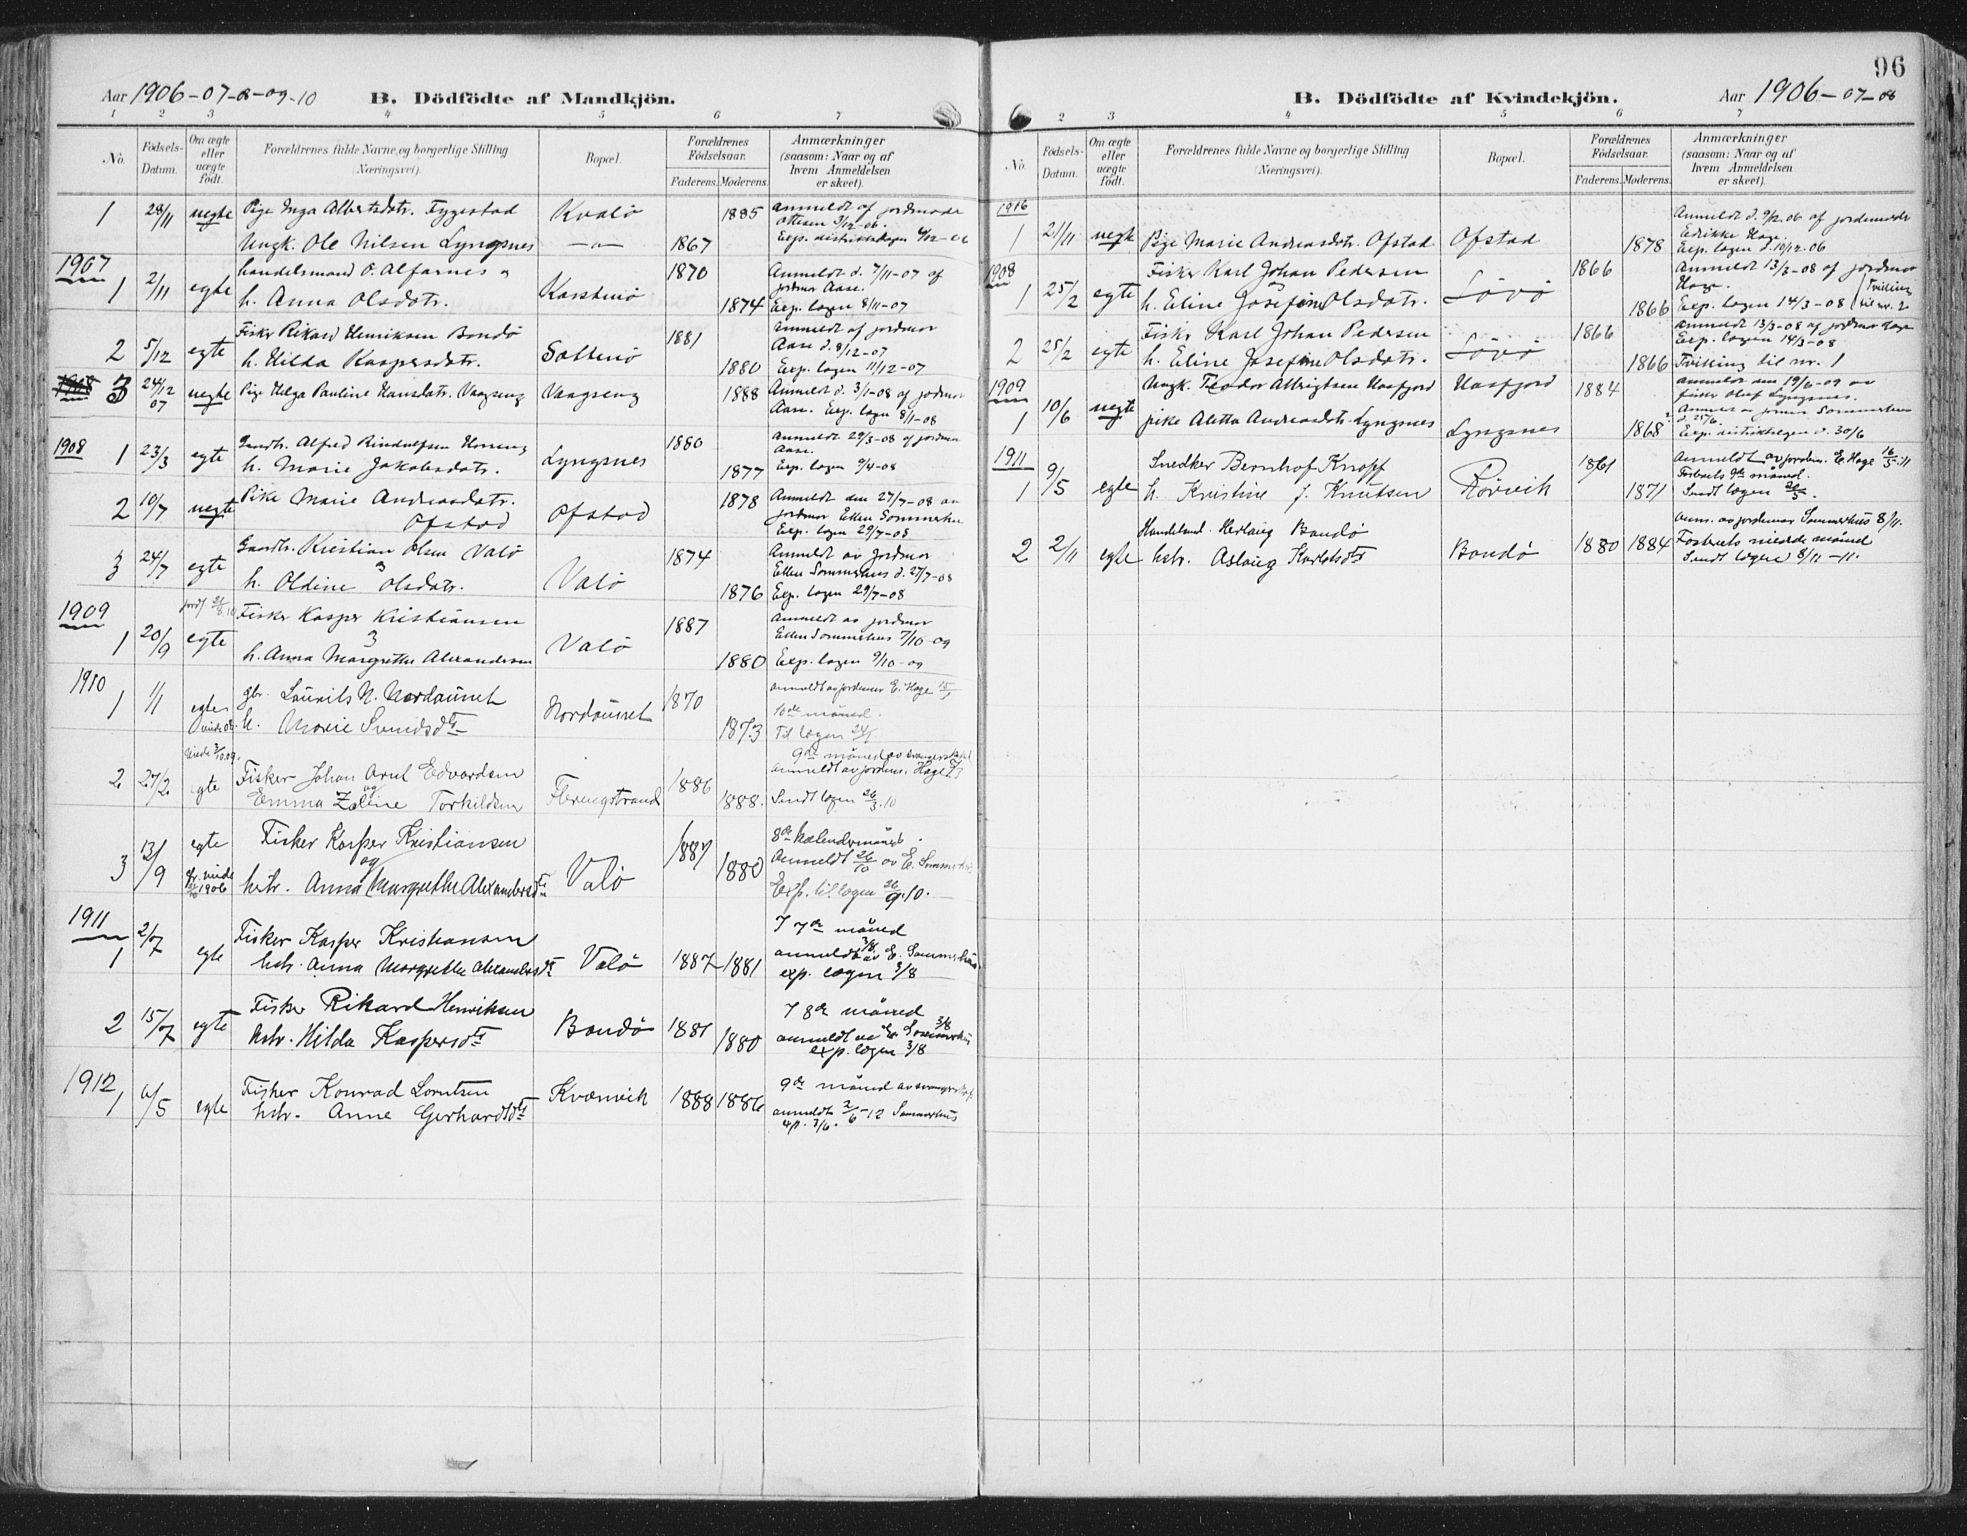 SAT, Ministerialprotokoller, klokkerbøker og fødselsregistre - Nord-Trøndelag, 786/L0688: Ministerialbok nr. 786A04, 1899-1912, s. 96